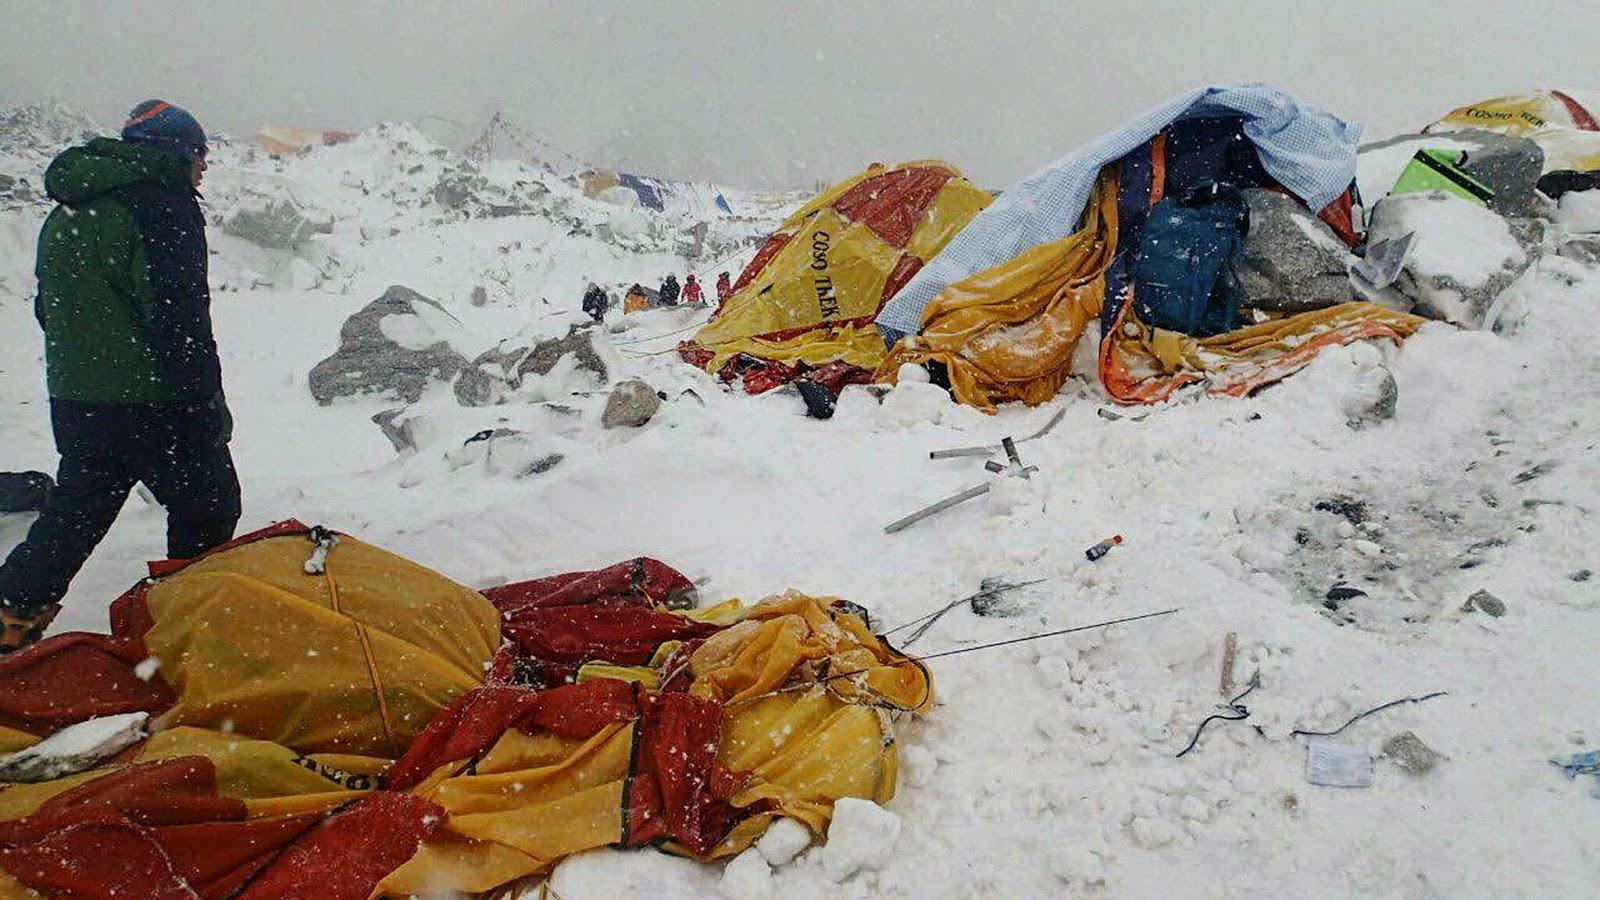 Foto Dramatis dari Basecamp Everest Saat Gempa Mengguncang Nepal